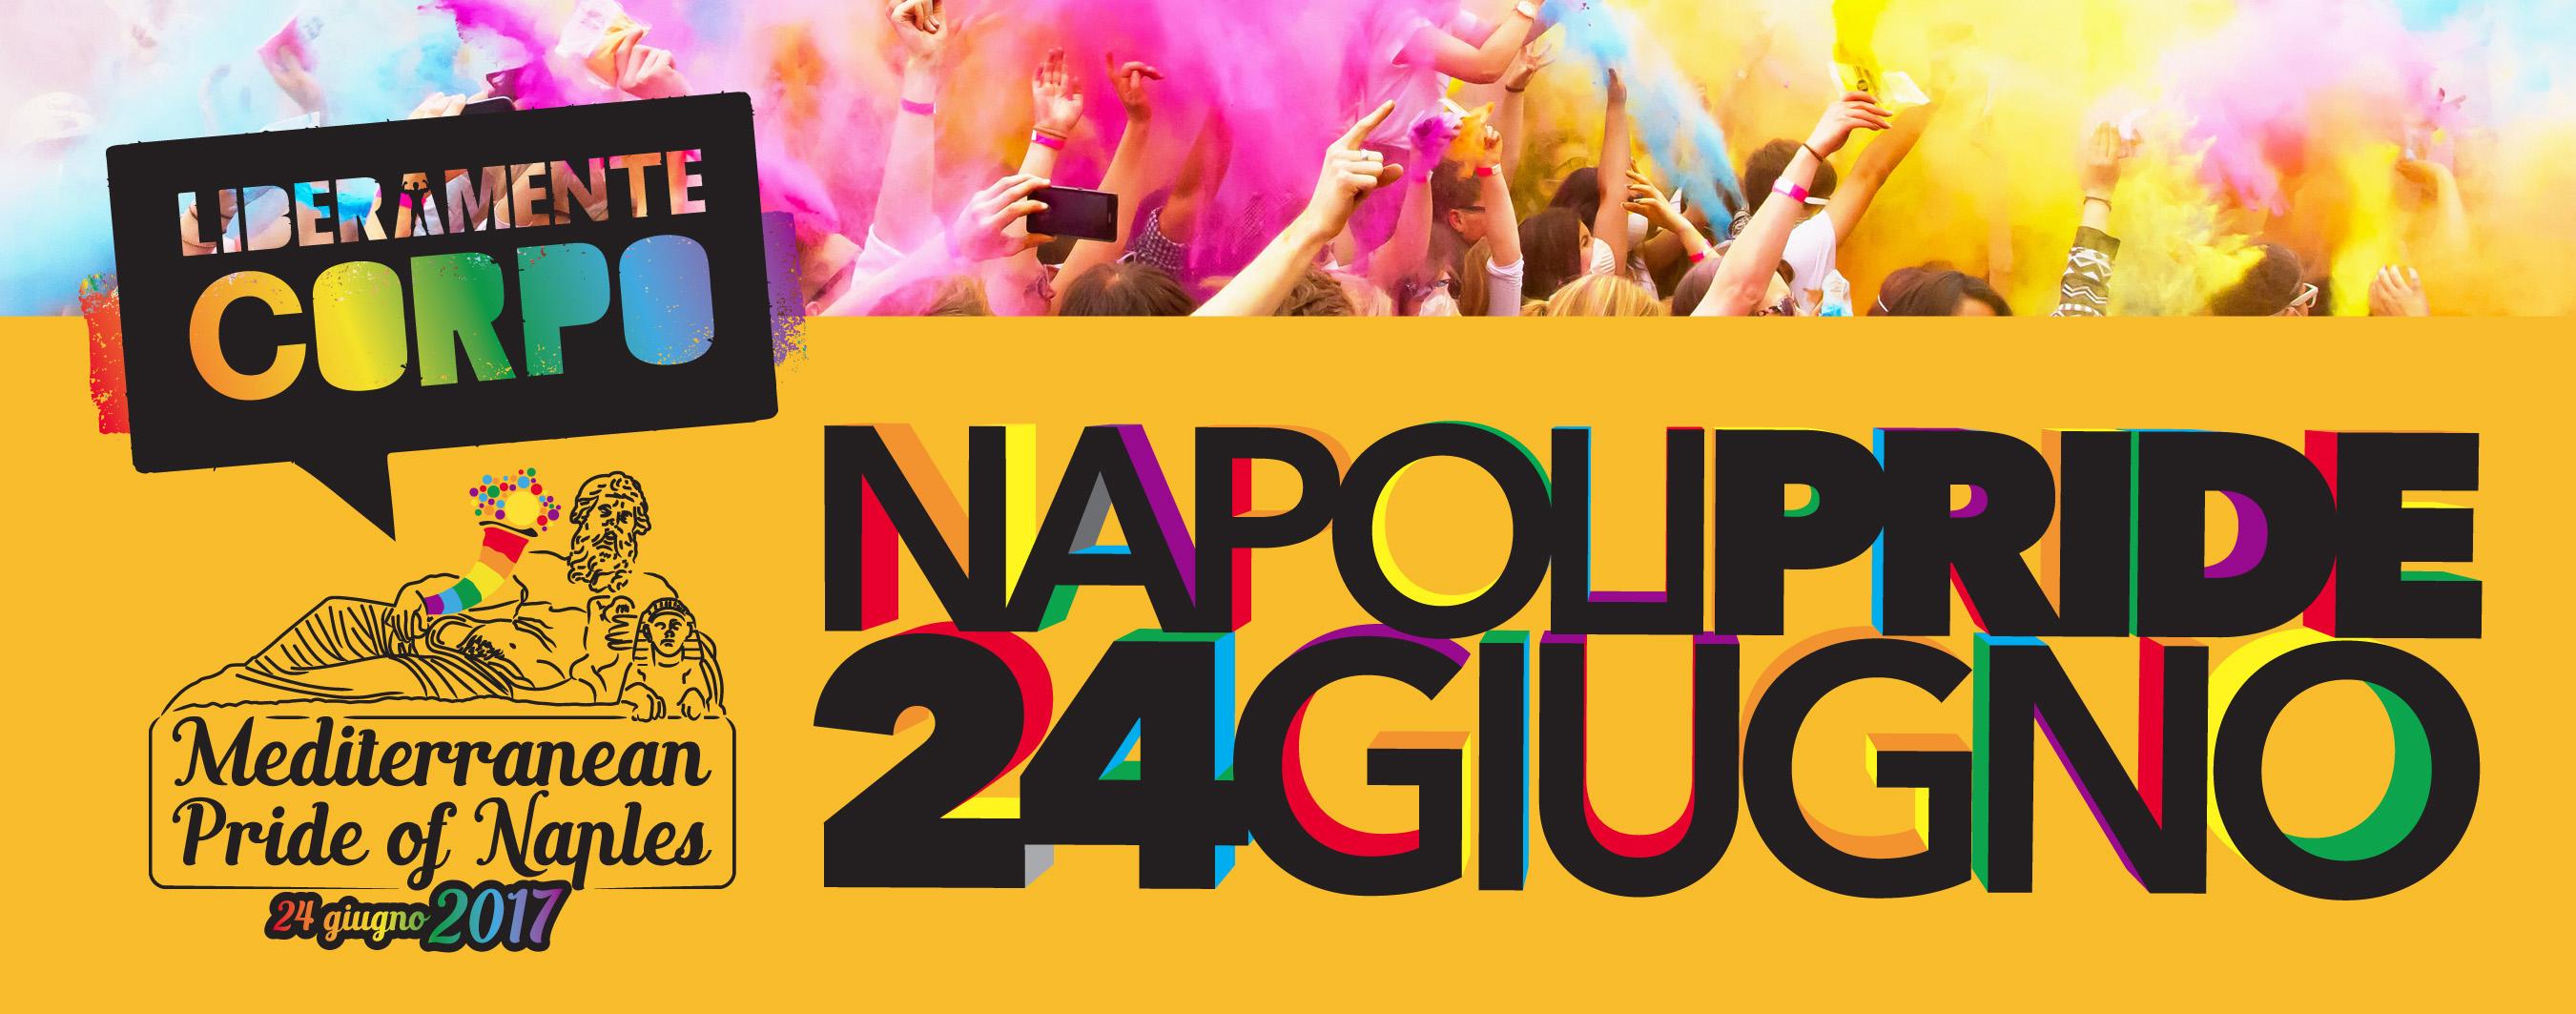 Napoli Pride 2017 - 24 giugno